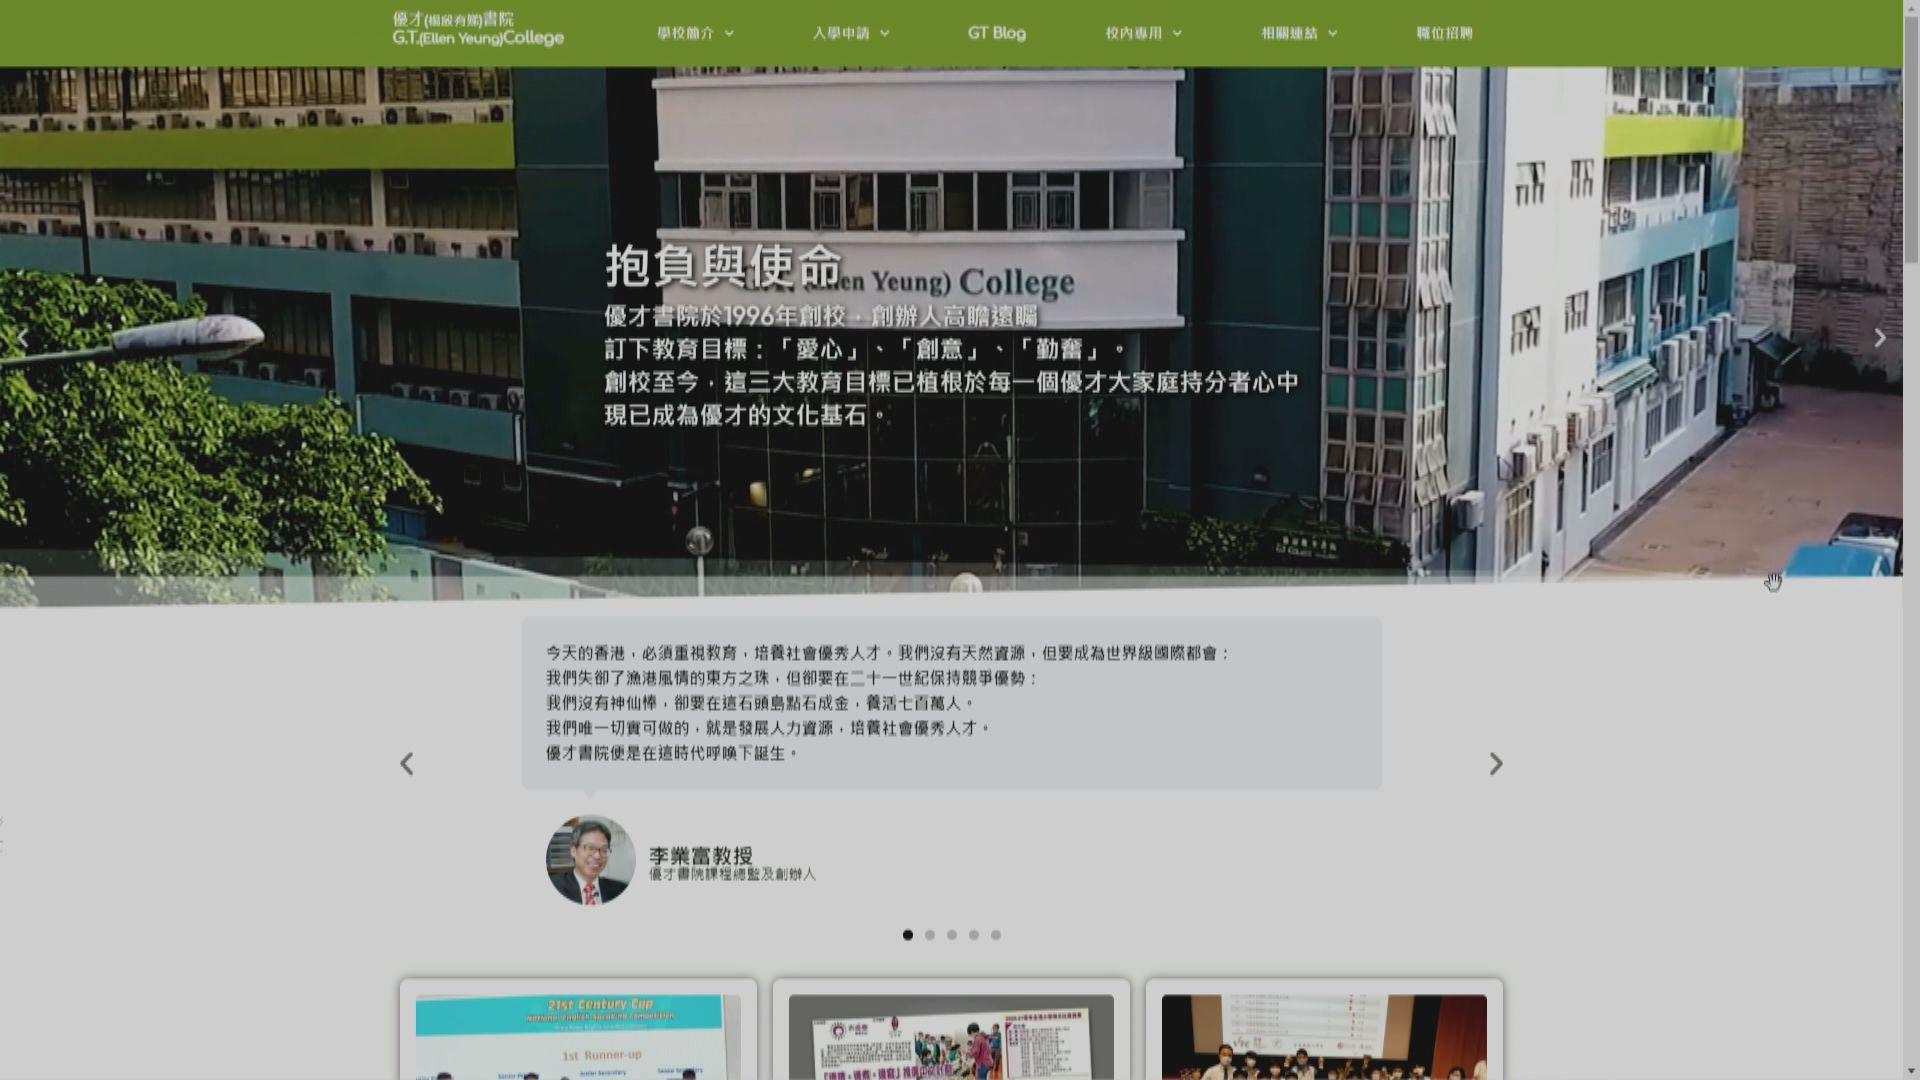 優才(楊殷有娣)書院小學部前校長聶敏涉嫌盜竊被捕